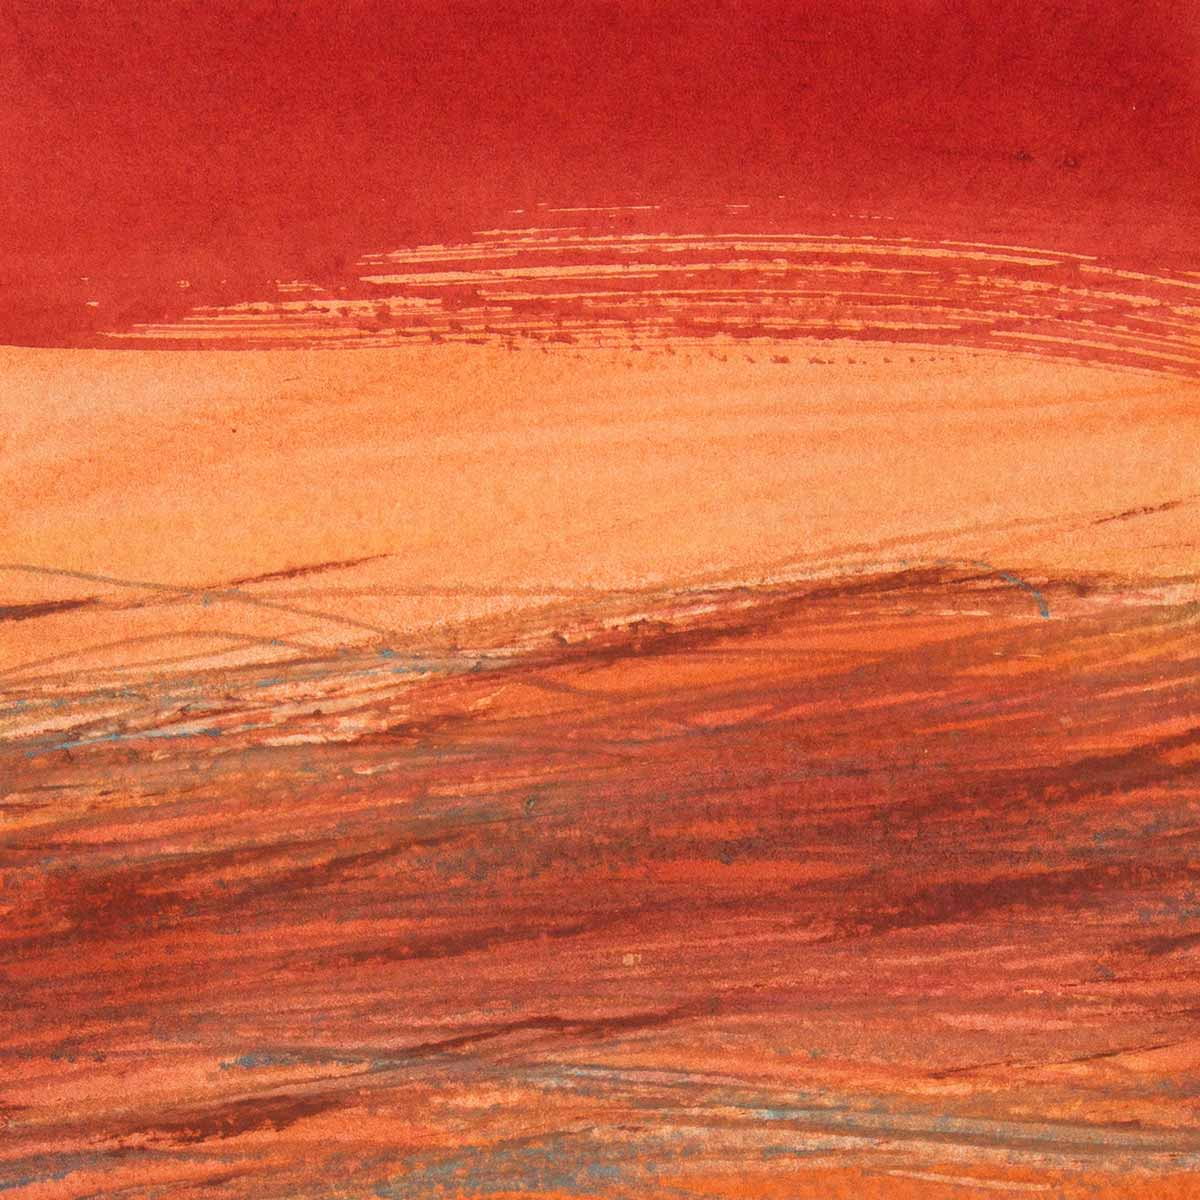 10 x 10 cm, aquarelle et crayons sur papier, 23 oct 14